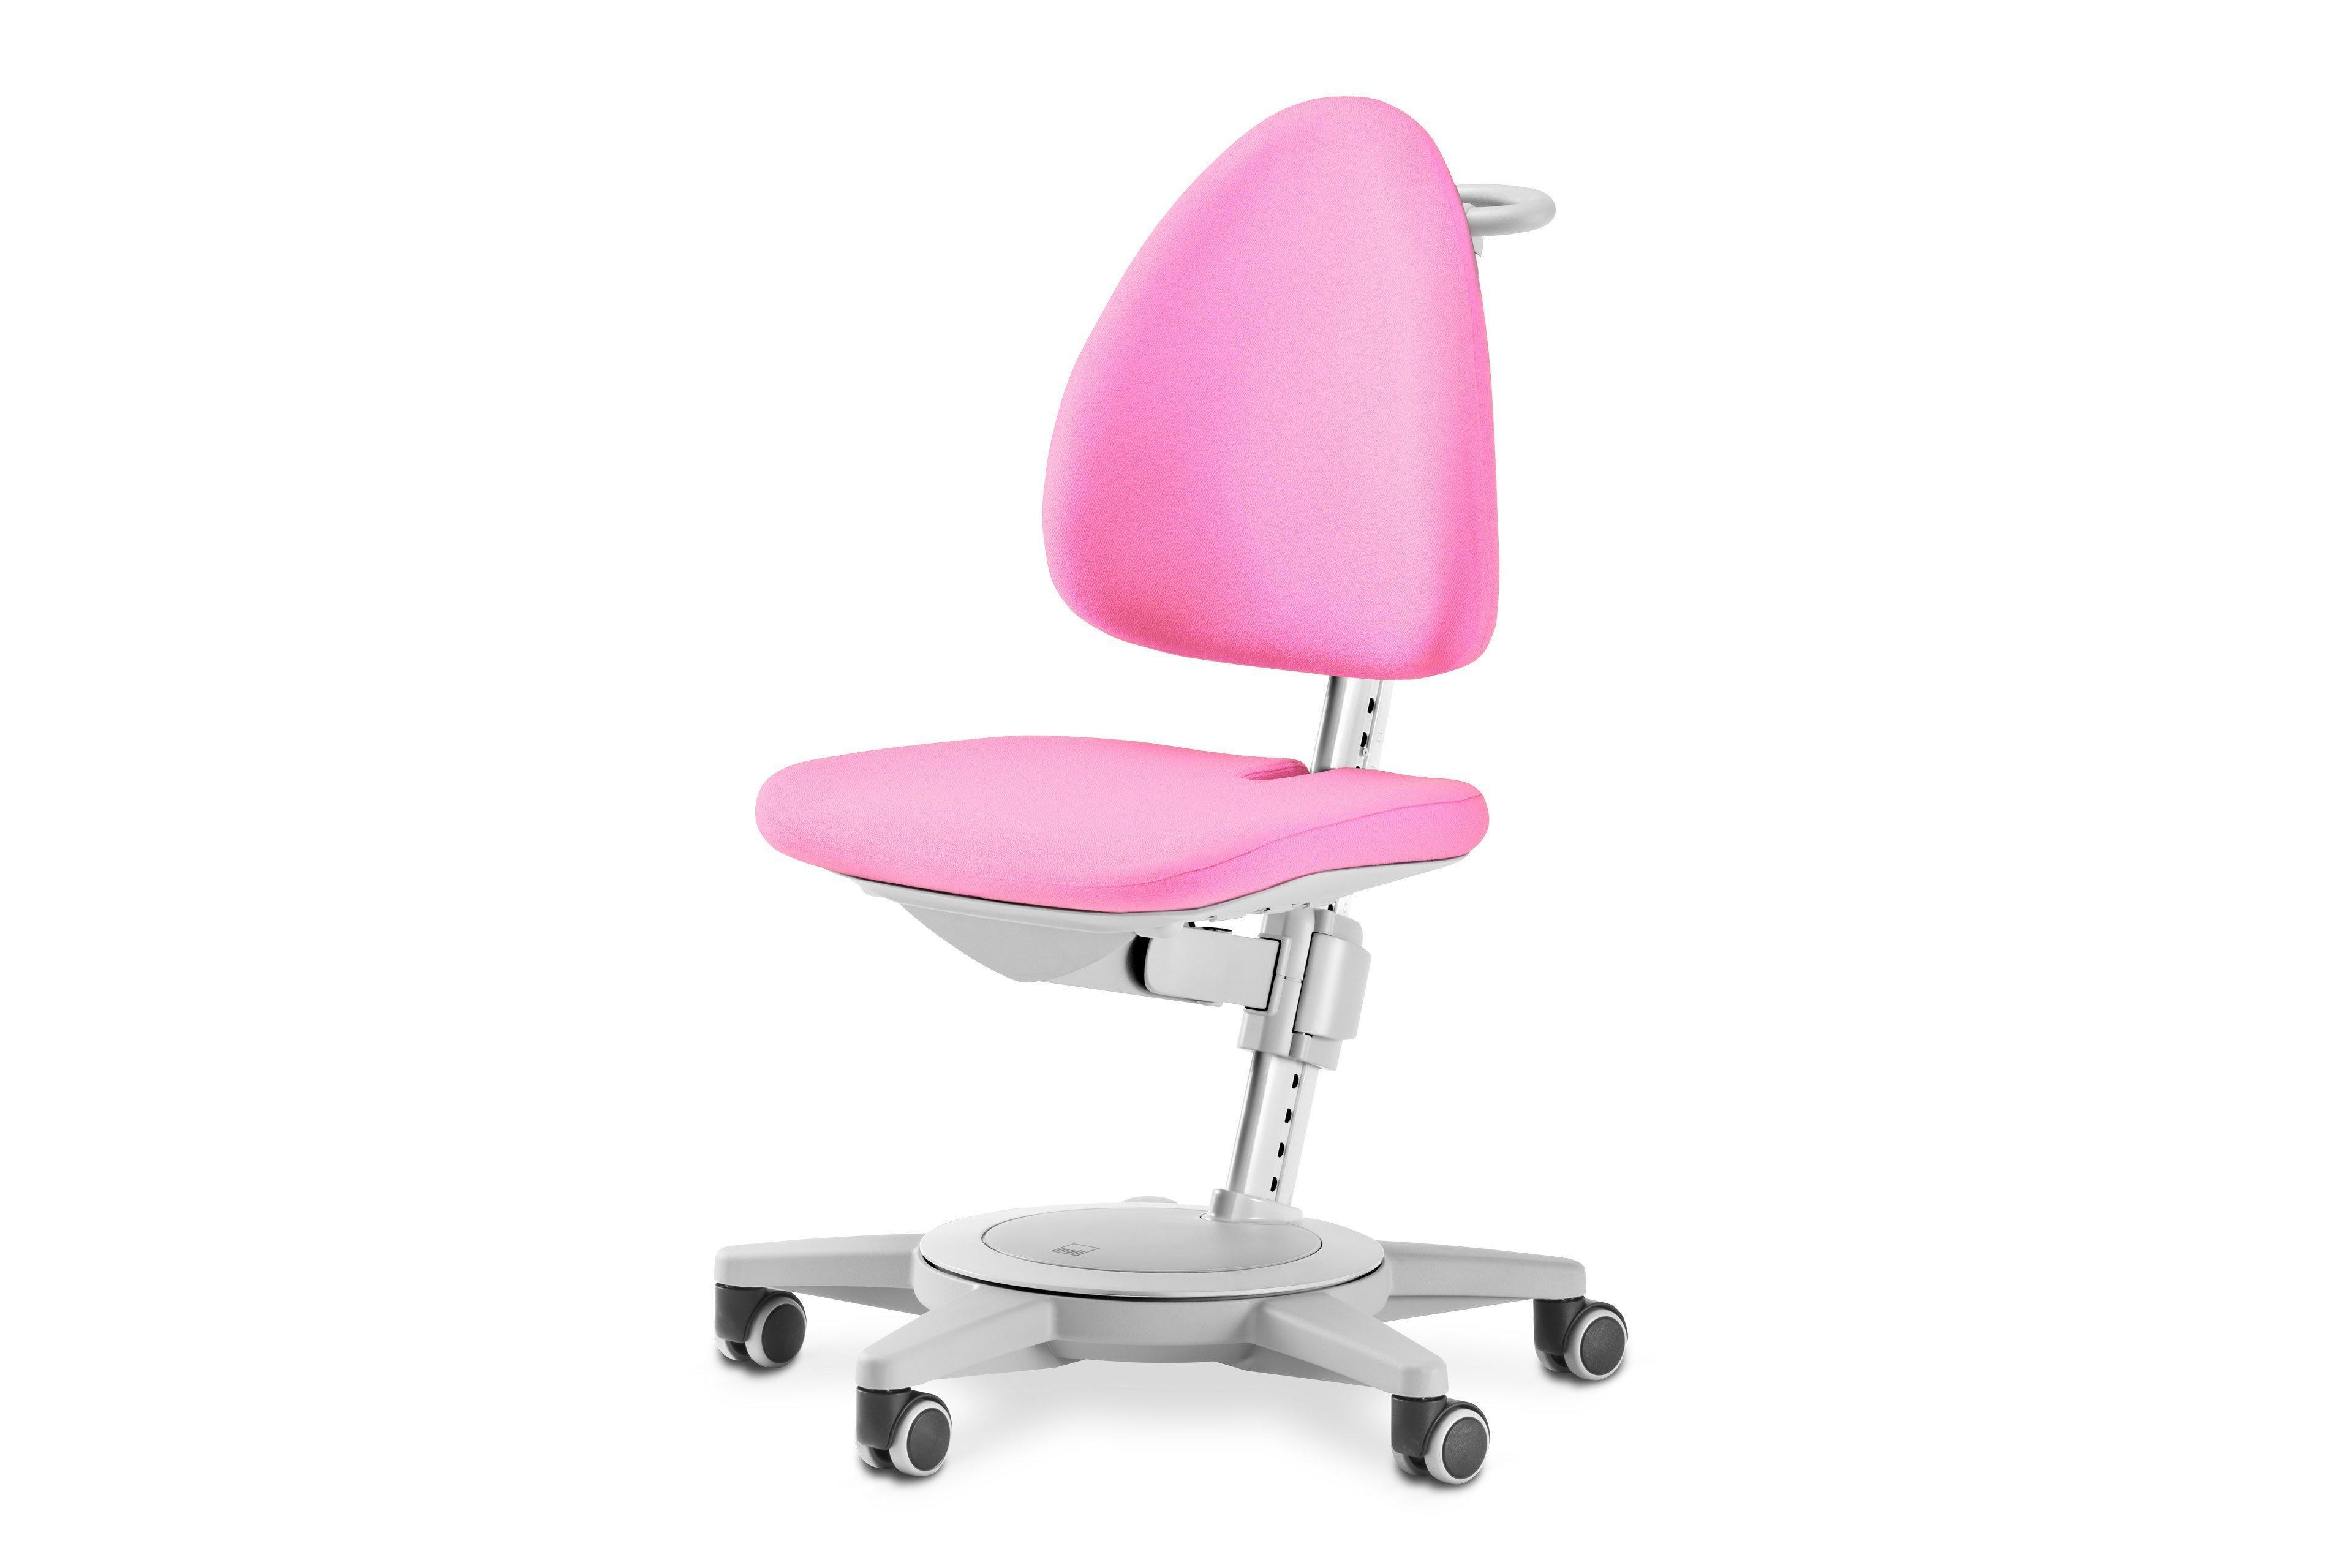 Maximo 15 Von Moll   Schreibtisch Stuhl Rosa Grau